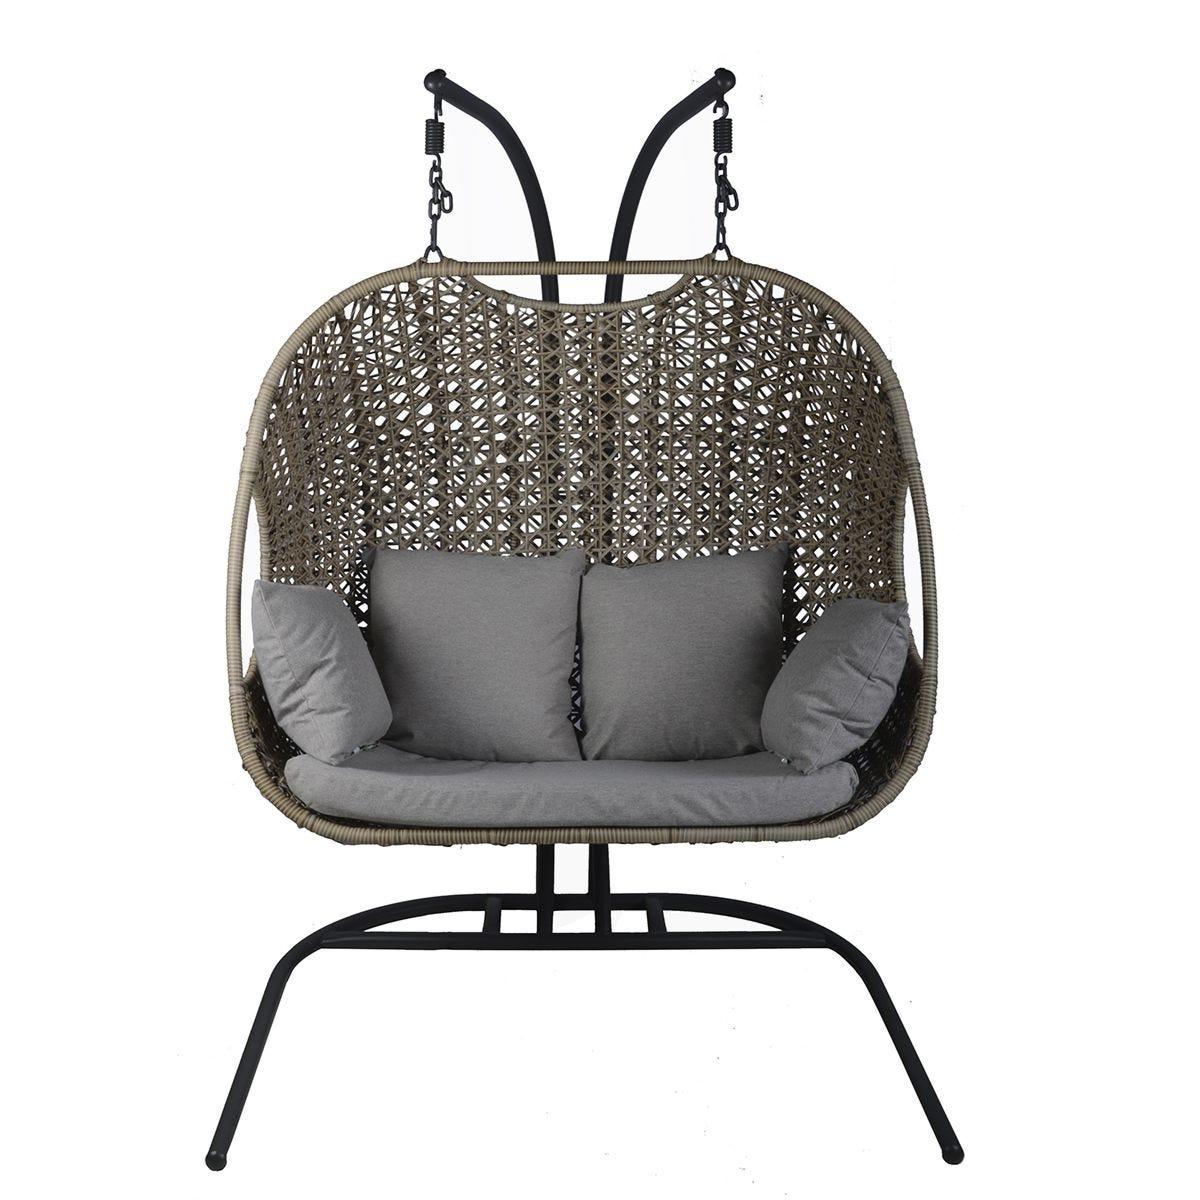 LG Outdoor Monaco Hazel Double Egg Chair